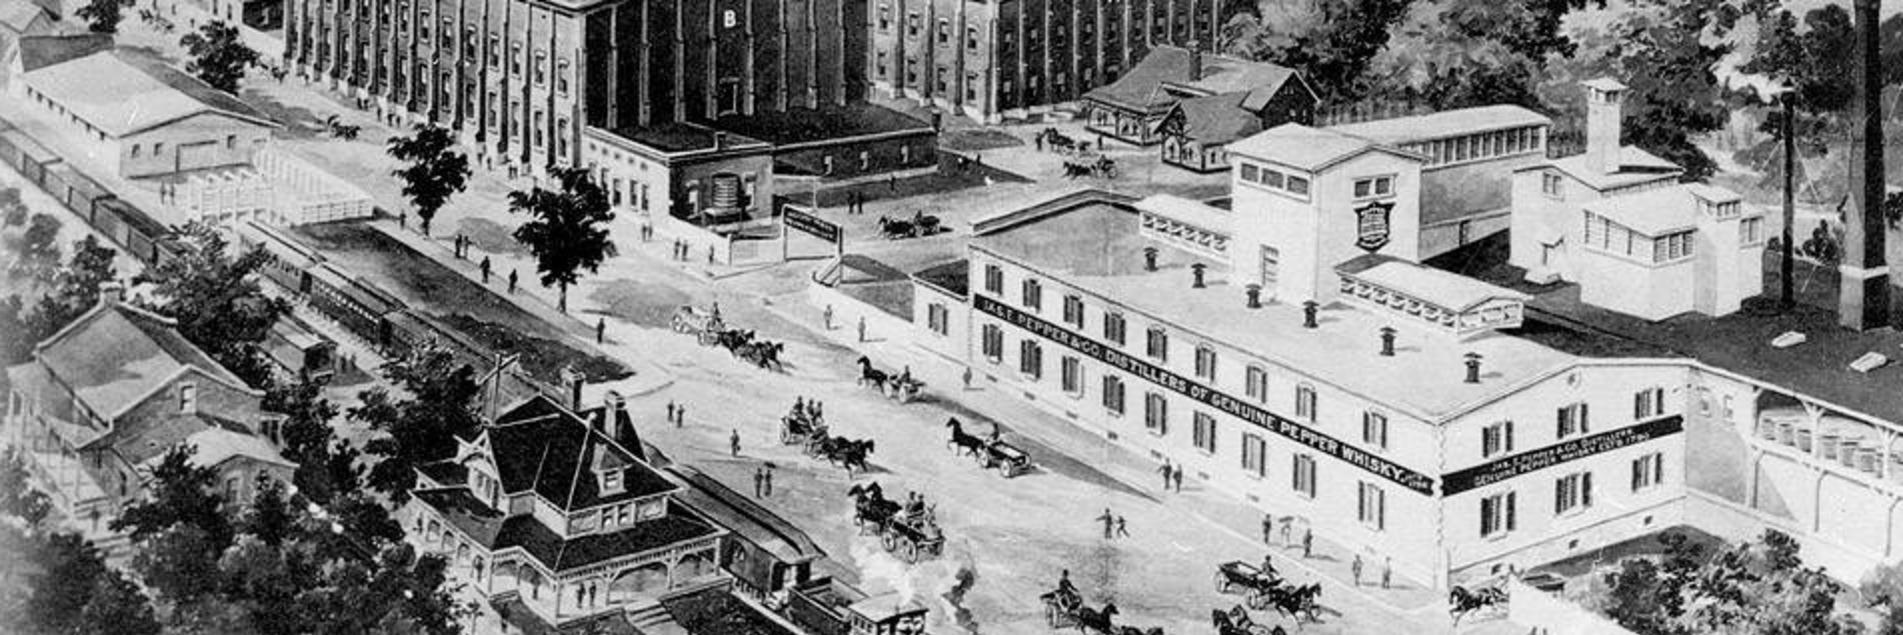 Bourbon history bourbon distilleries lexington ky for Central motors lexington ky